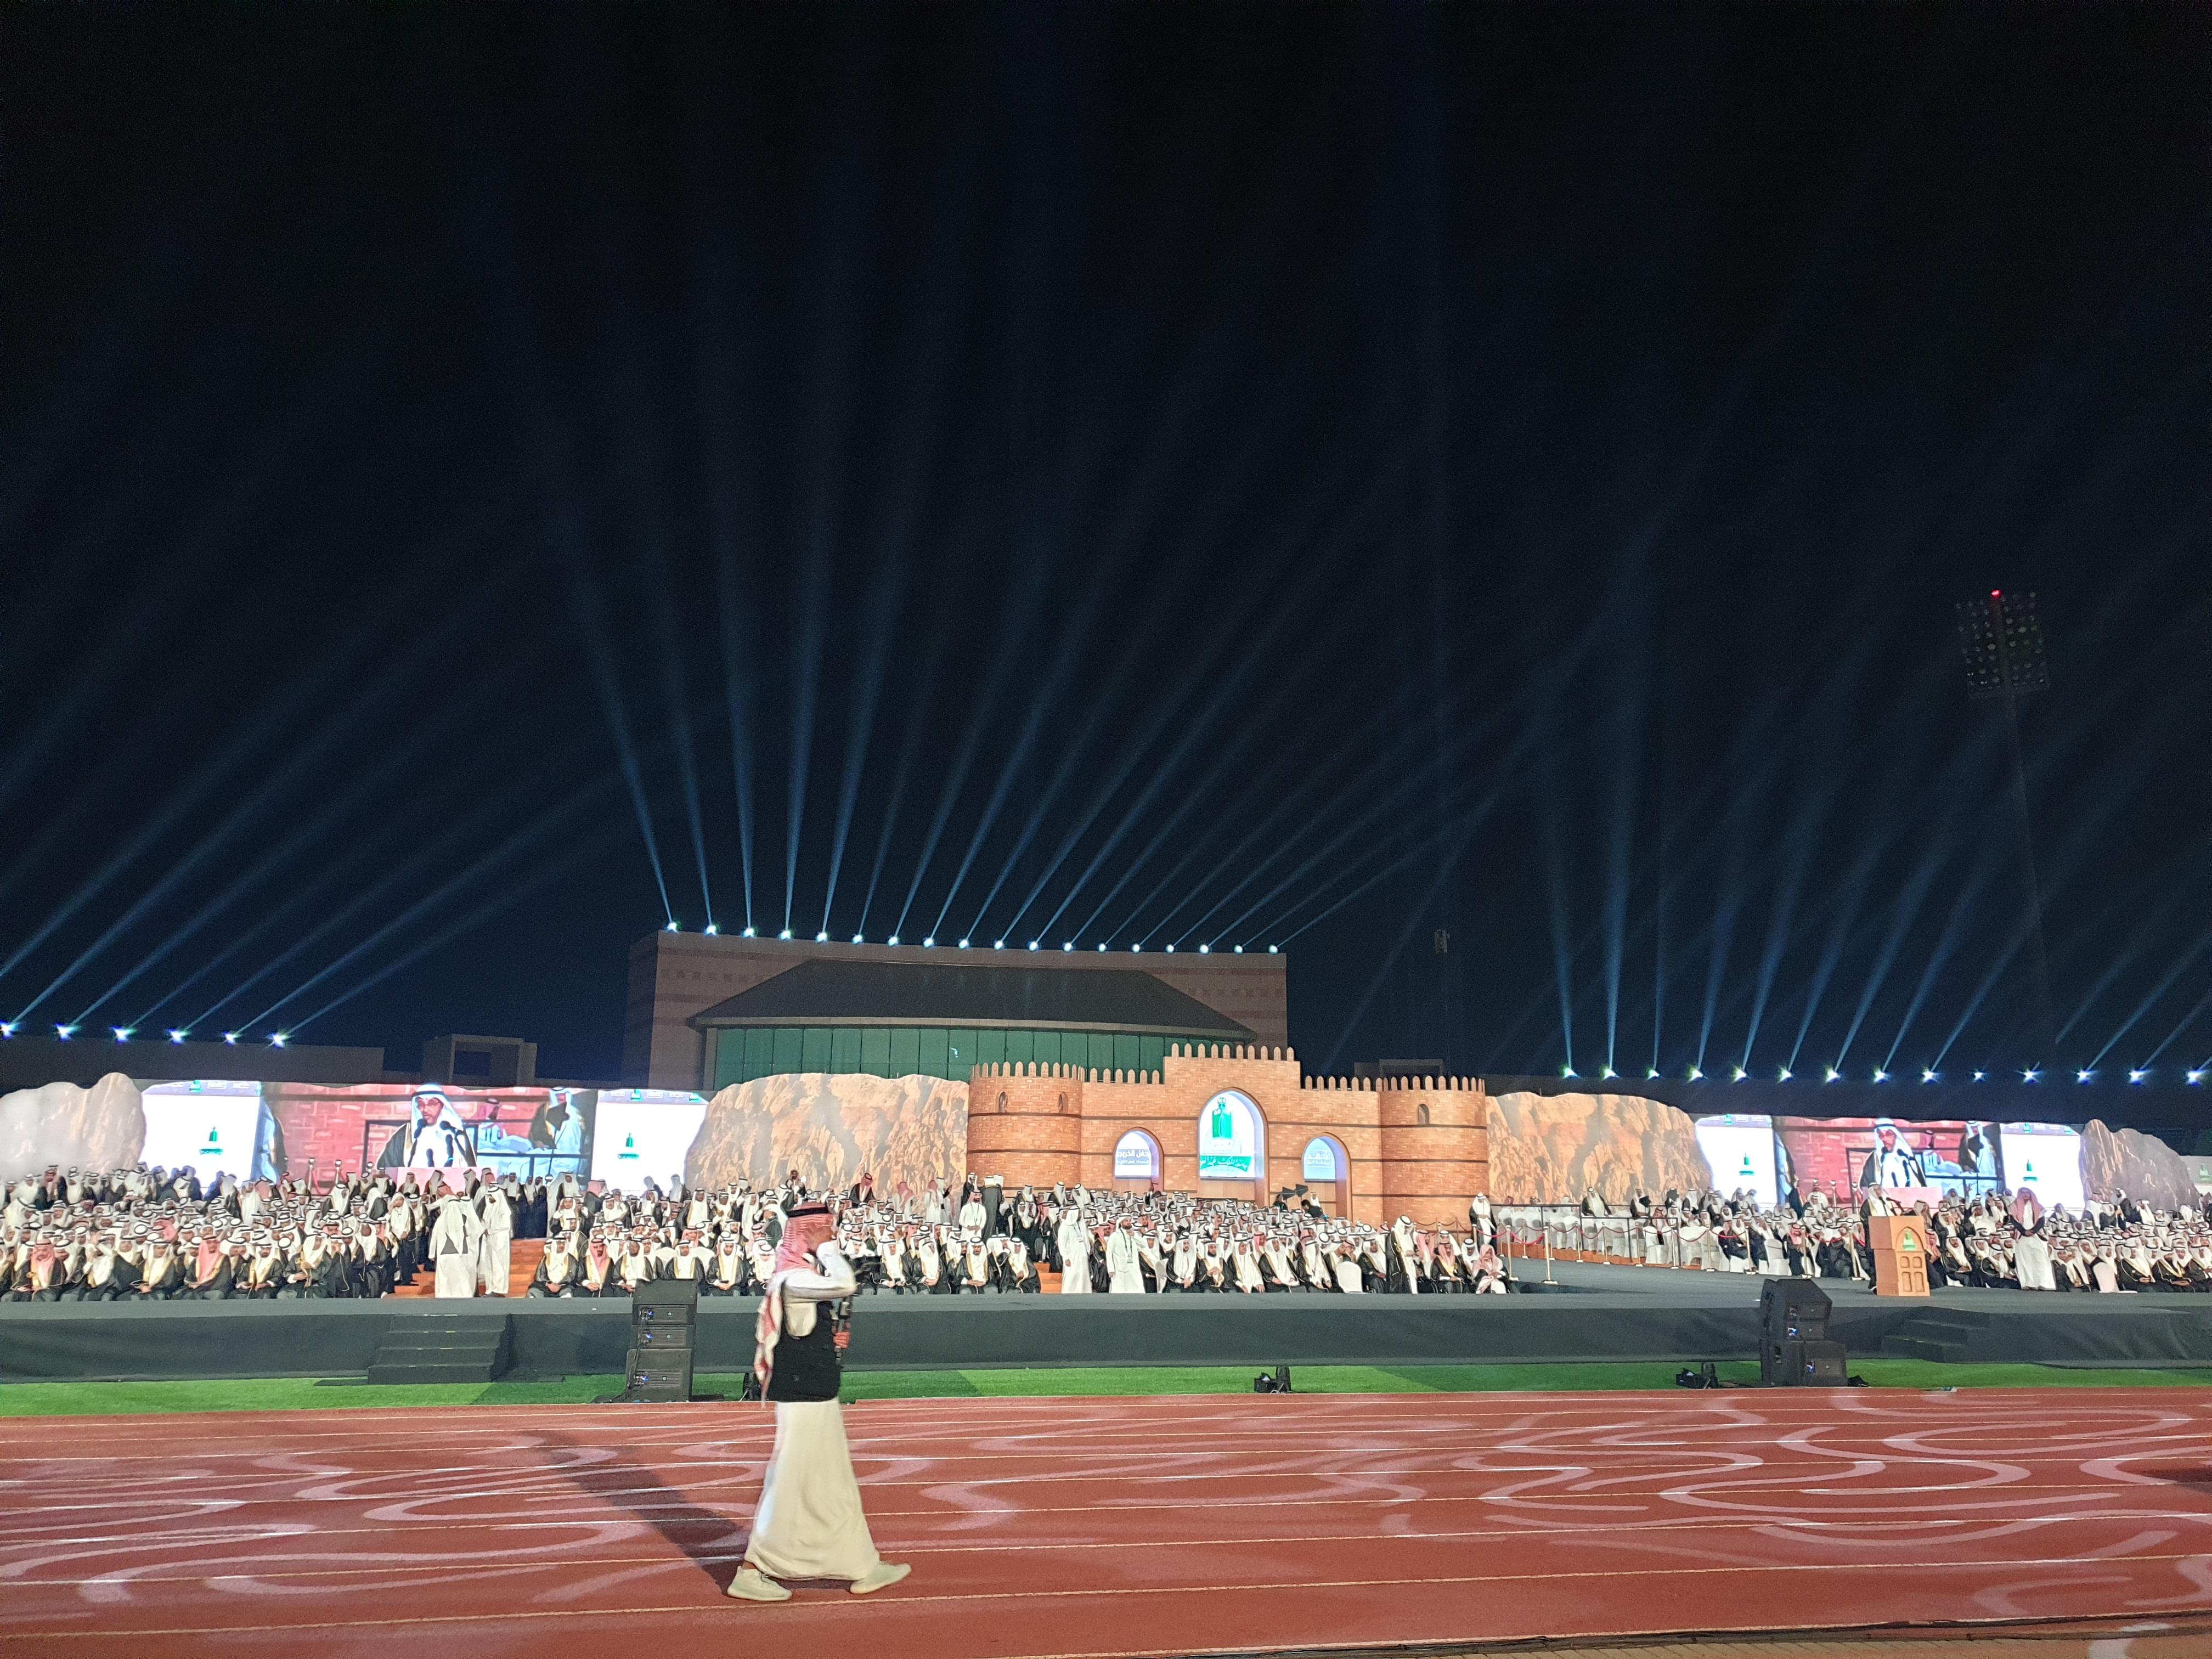 حفل تخرج جامعة الملك عبد العزيز